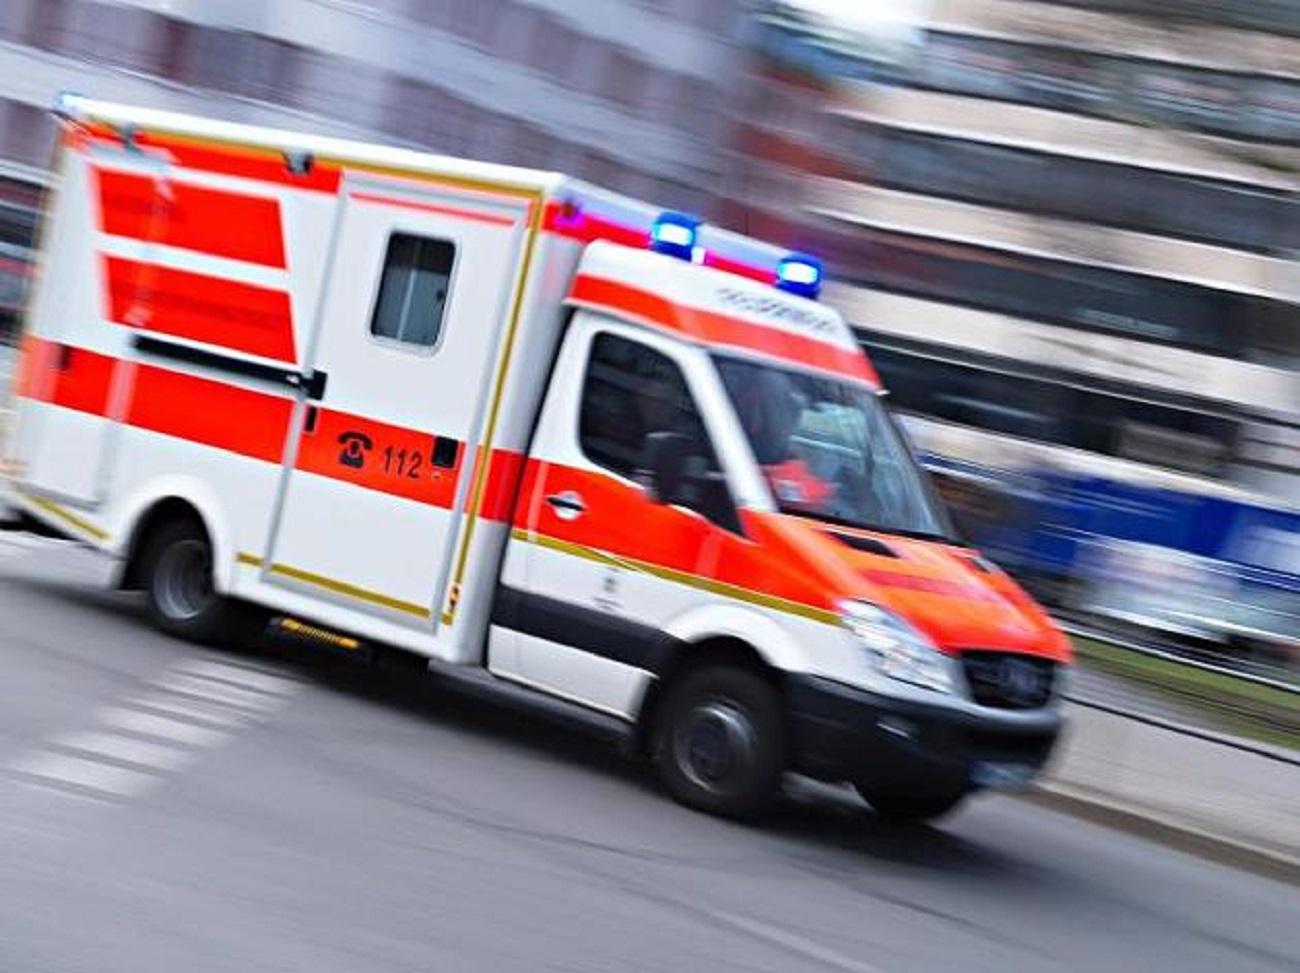 ВСасовском районе «Газель» сбила пешехода